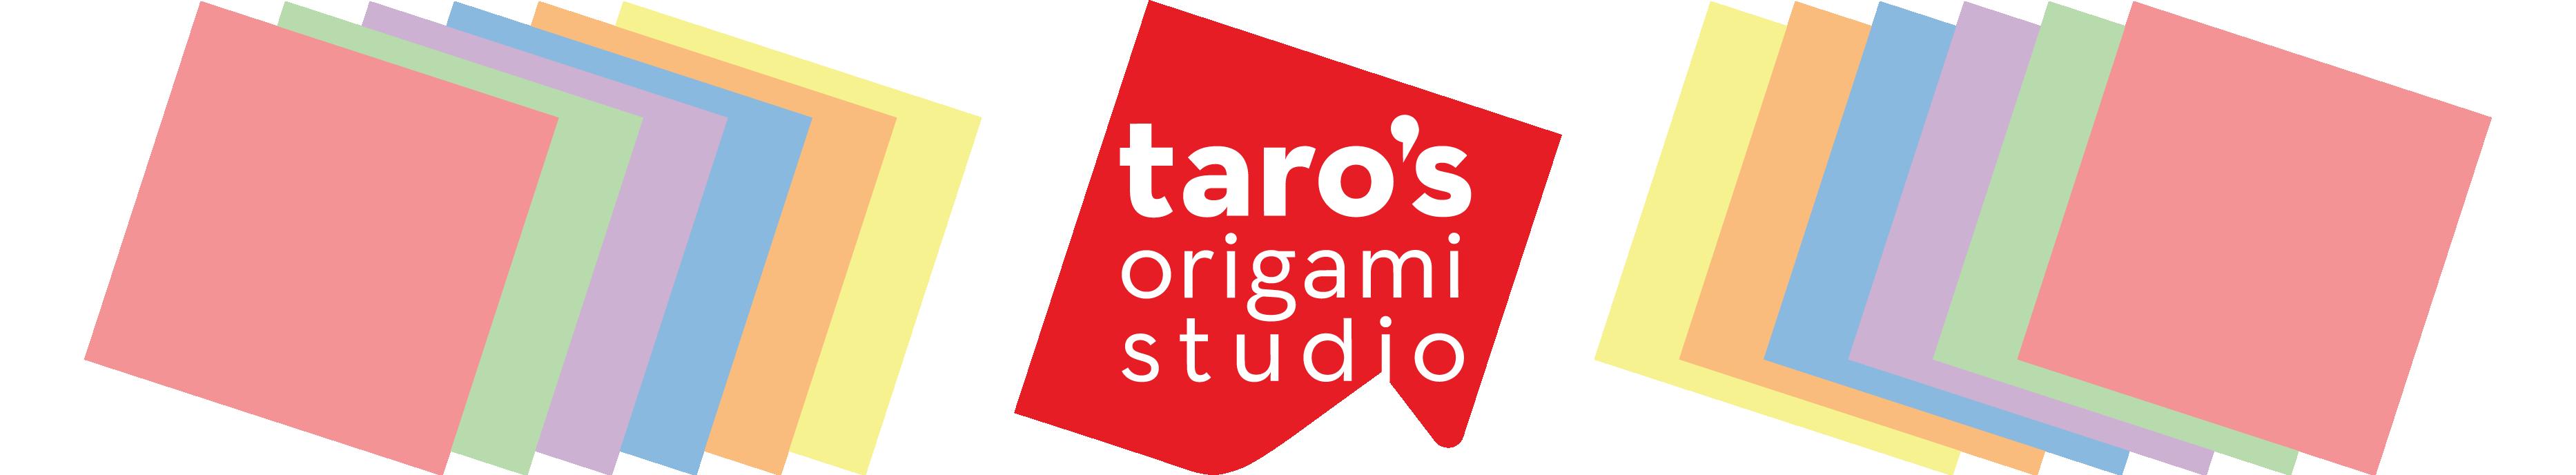 Taros Origami Studio Brooklyn NY And San Francisco CA